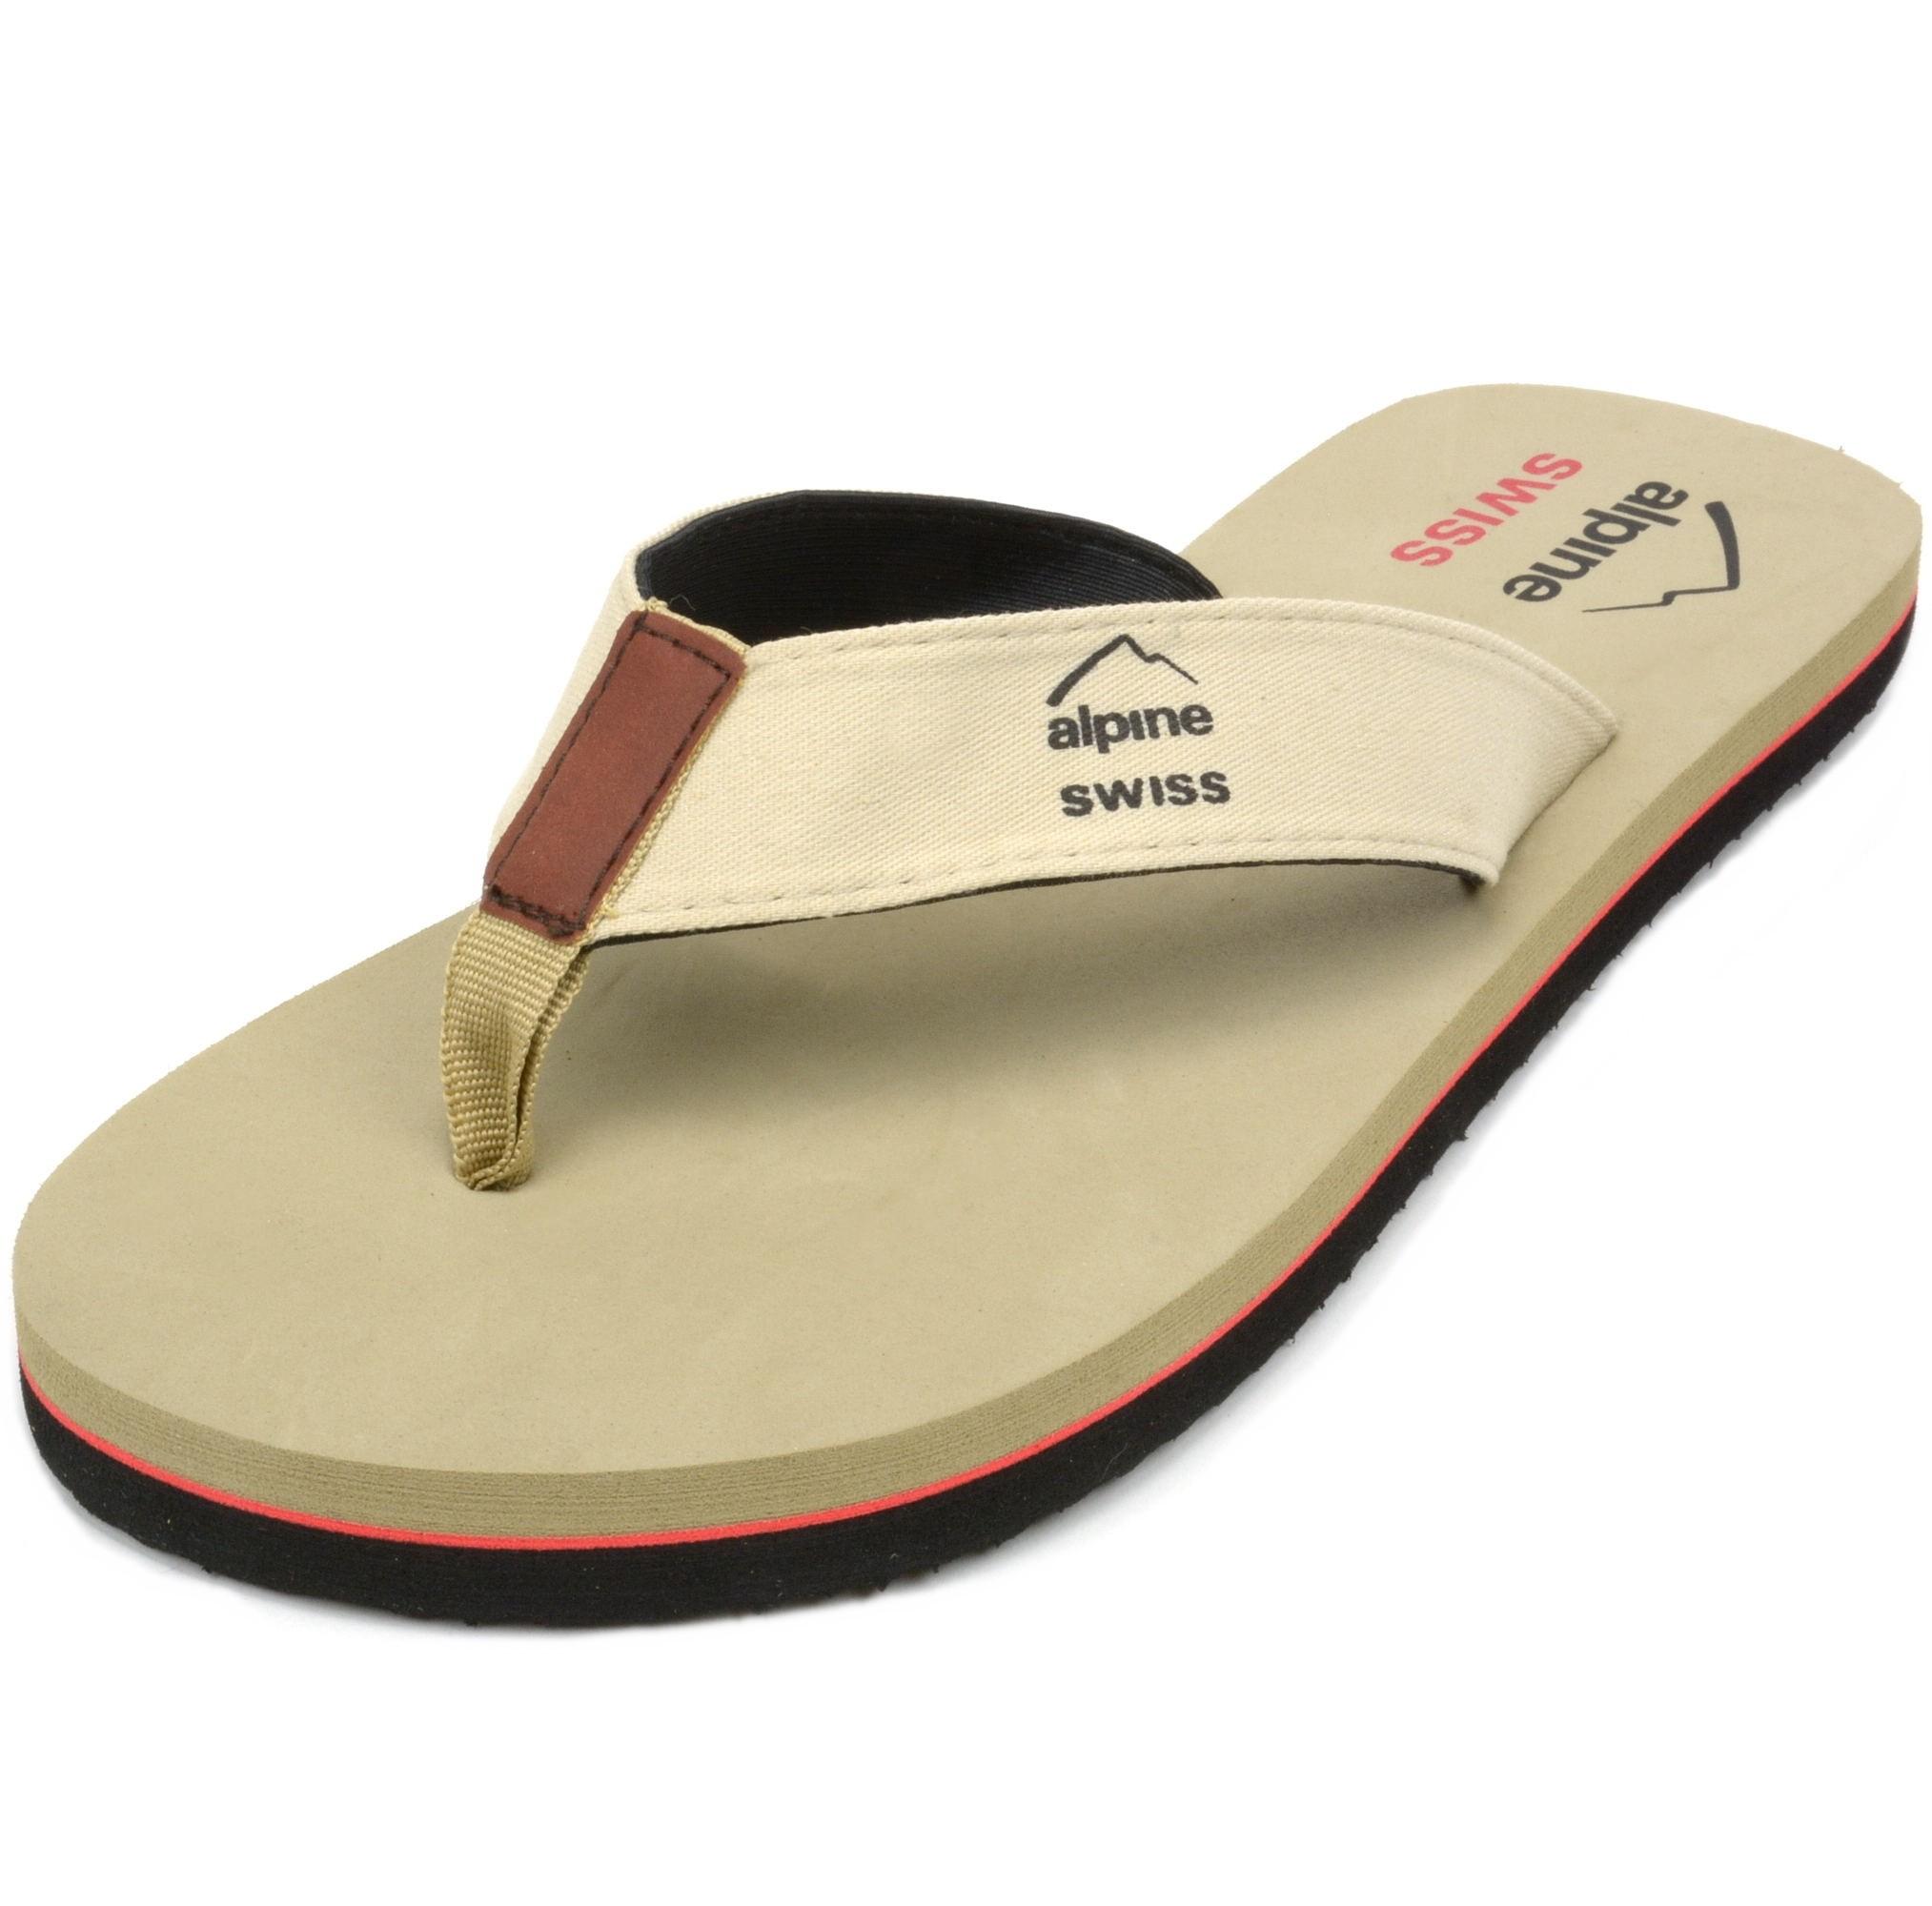 Alpine Swiss Men's Flip Flops Beach Sandals Lightweight ...